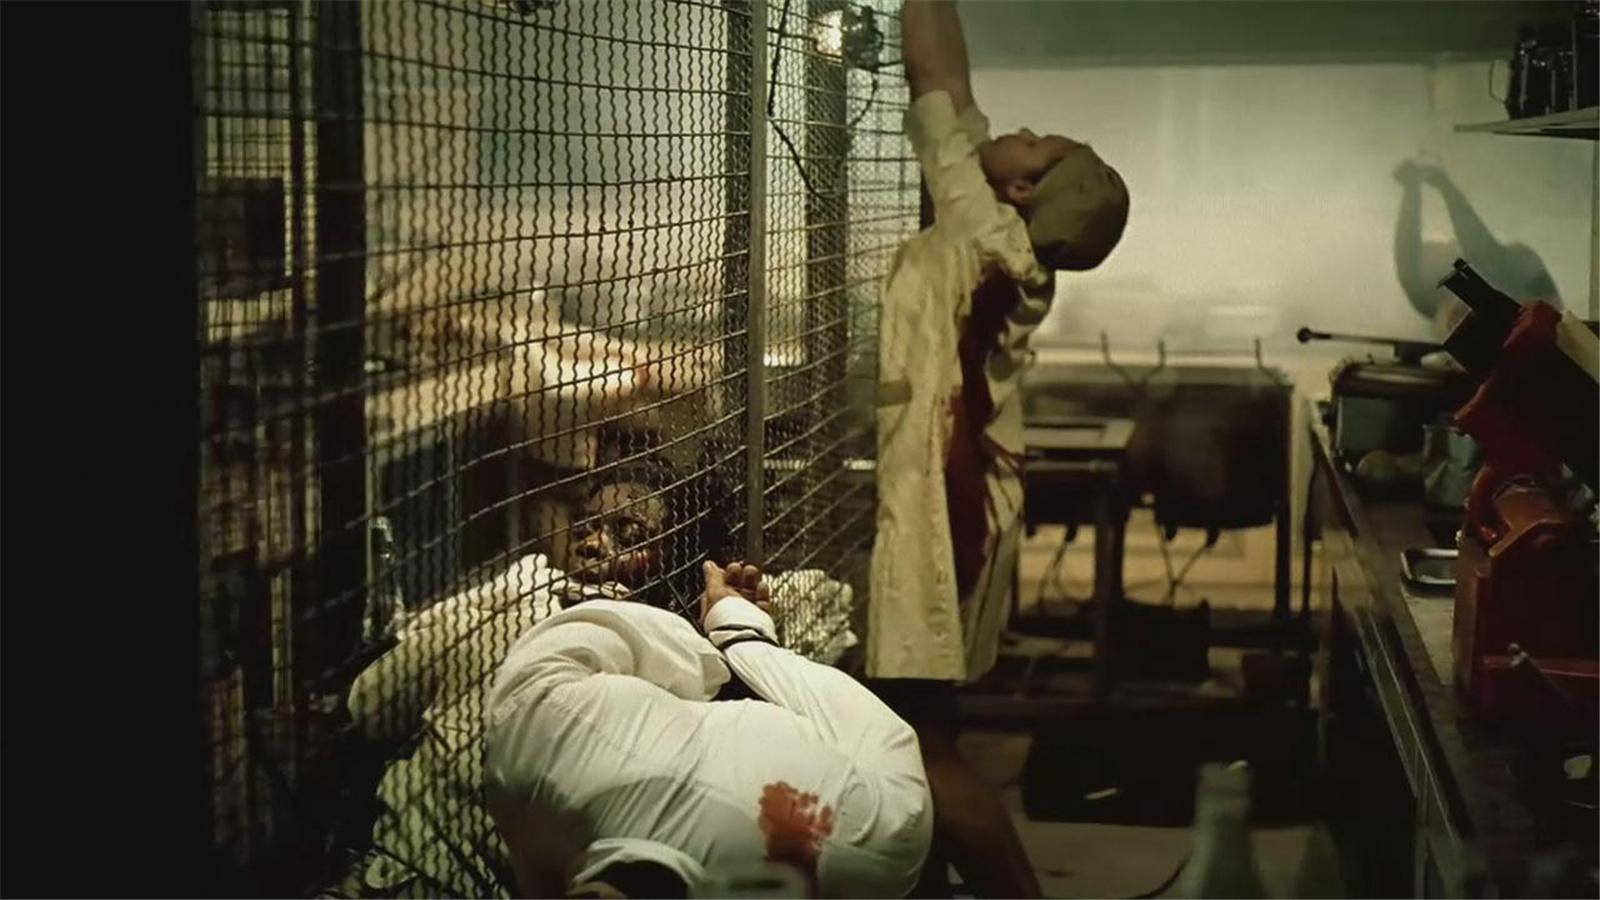 #经典看电影#四分钟了解上世纪巴西贫民窟真实状况,孩子们如同活在地狱里